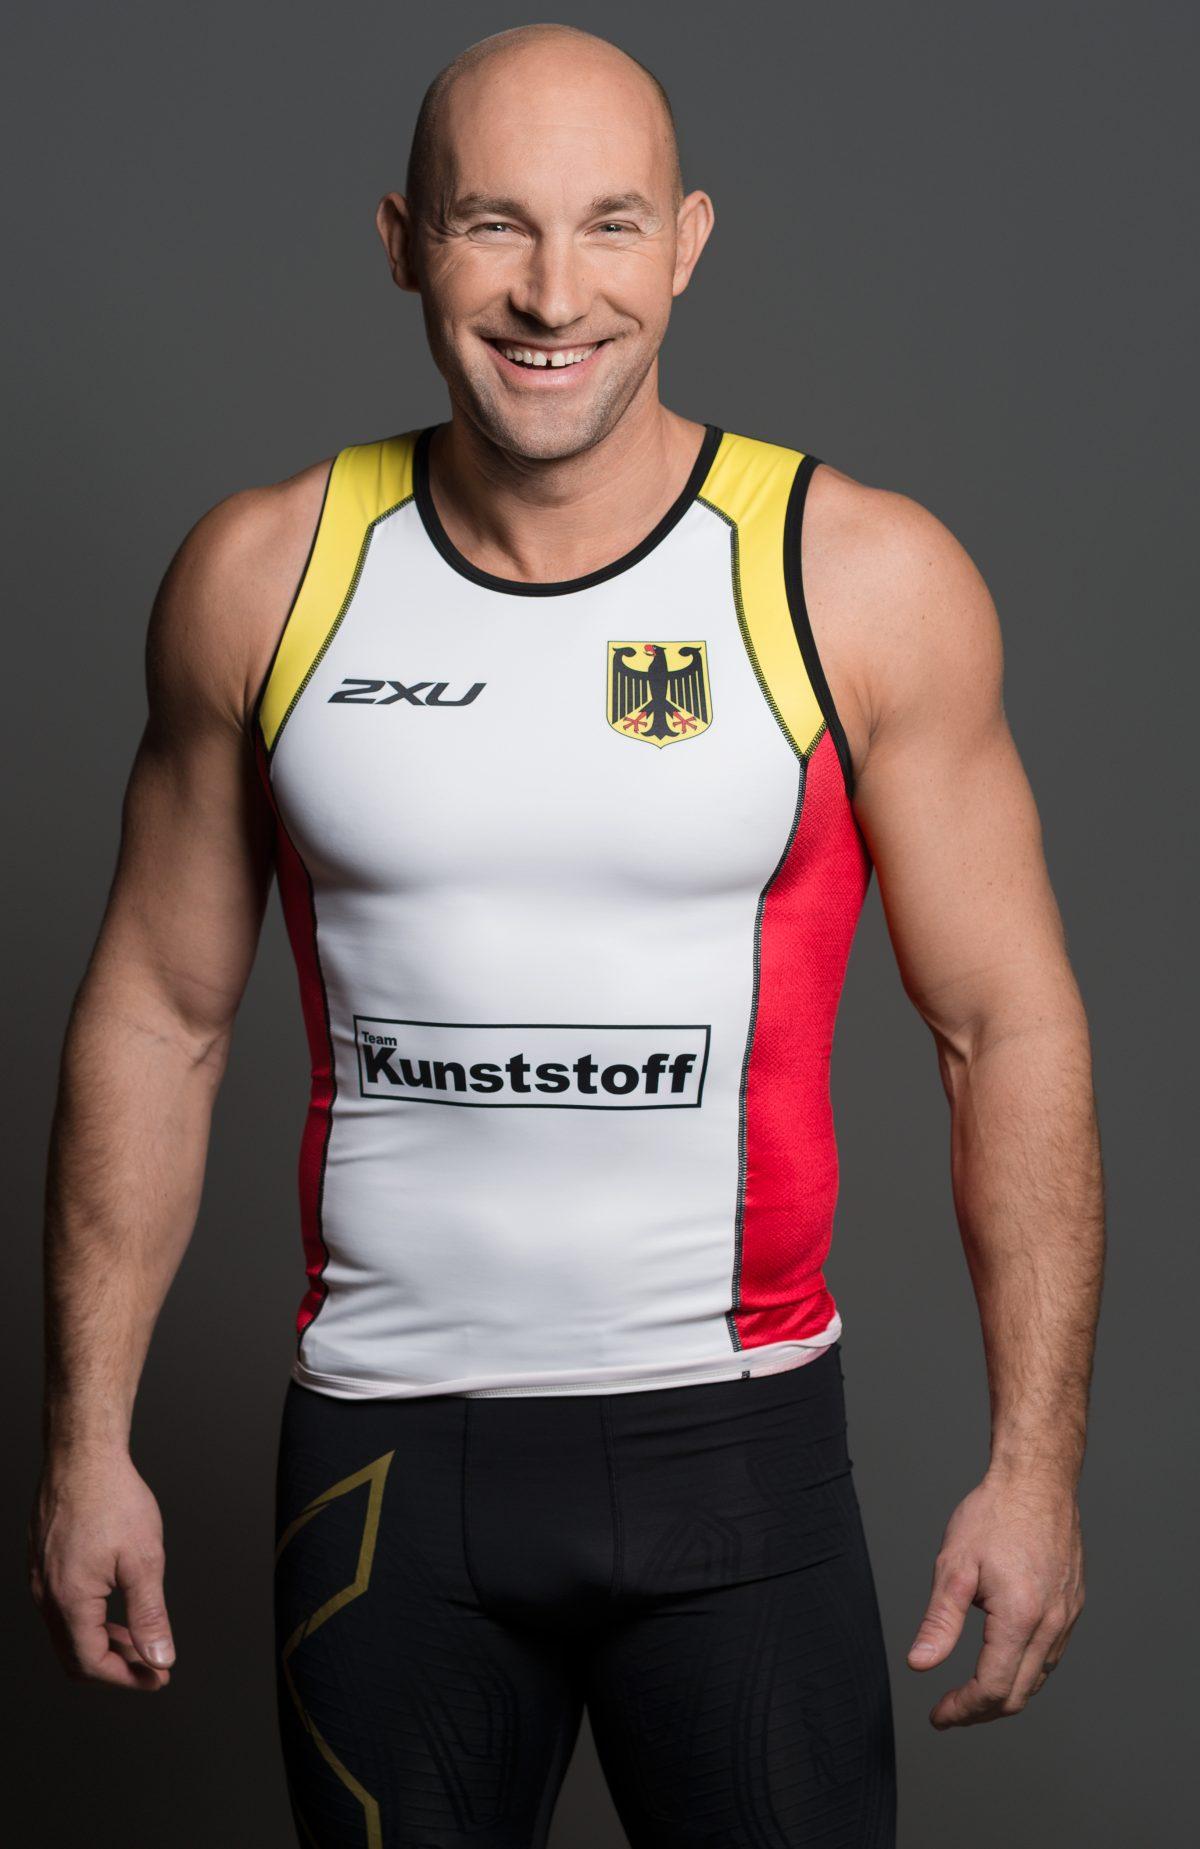 Beflügelt von Ronald Rauhe | Olympiasieger, Welt- und Europameister | Potsdam